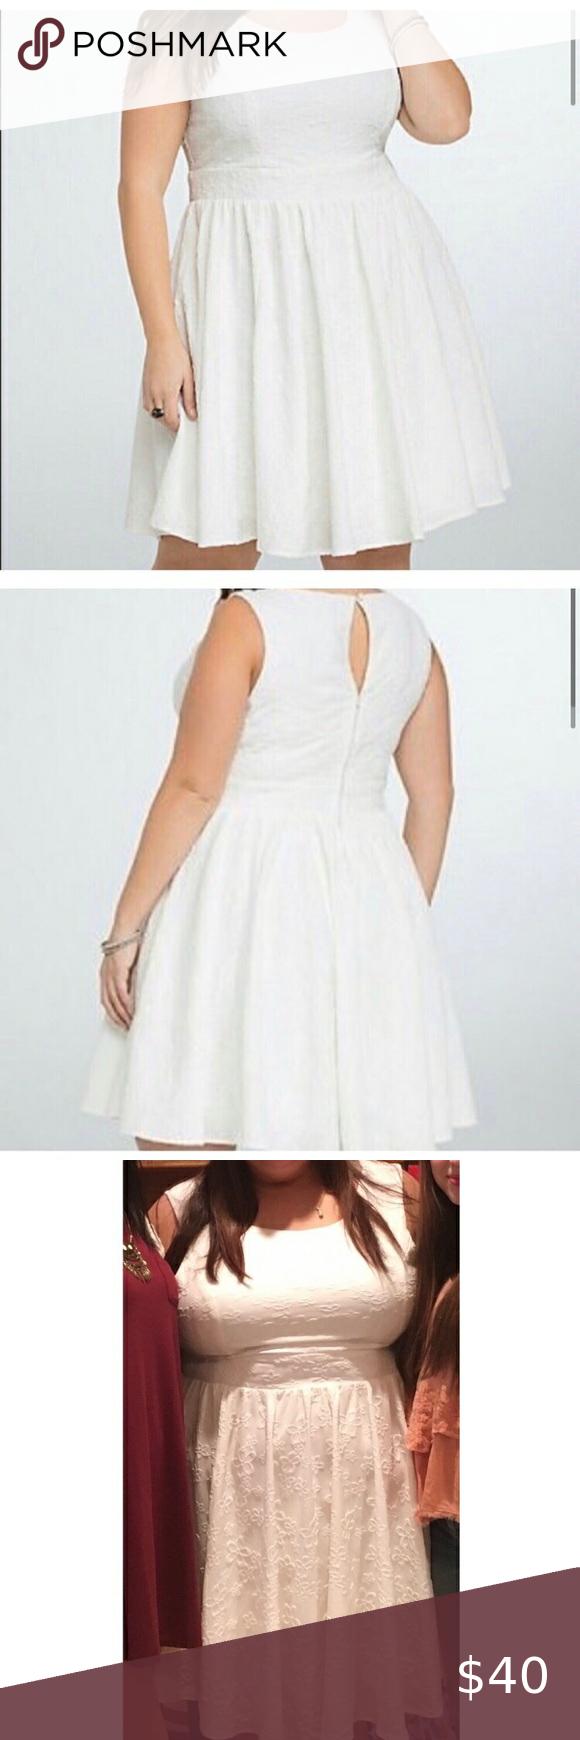 Torrid White Floral Skater Dress In 2020 Floral Skater Dress Torrid Dresses Skirt Fashion